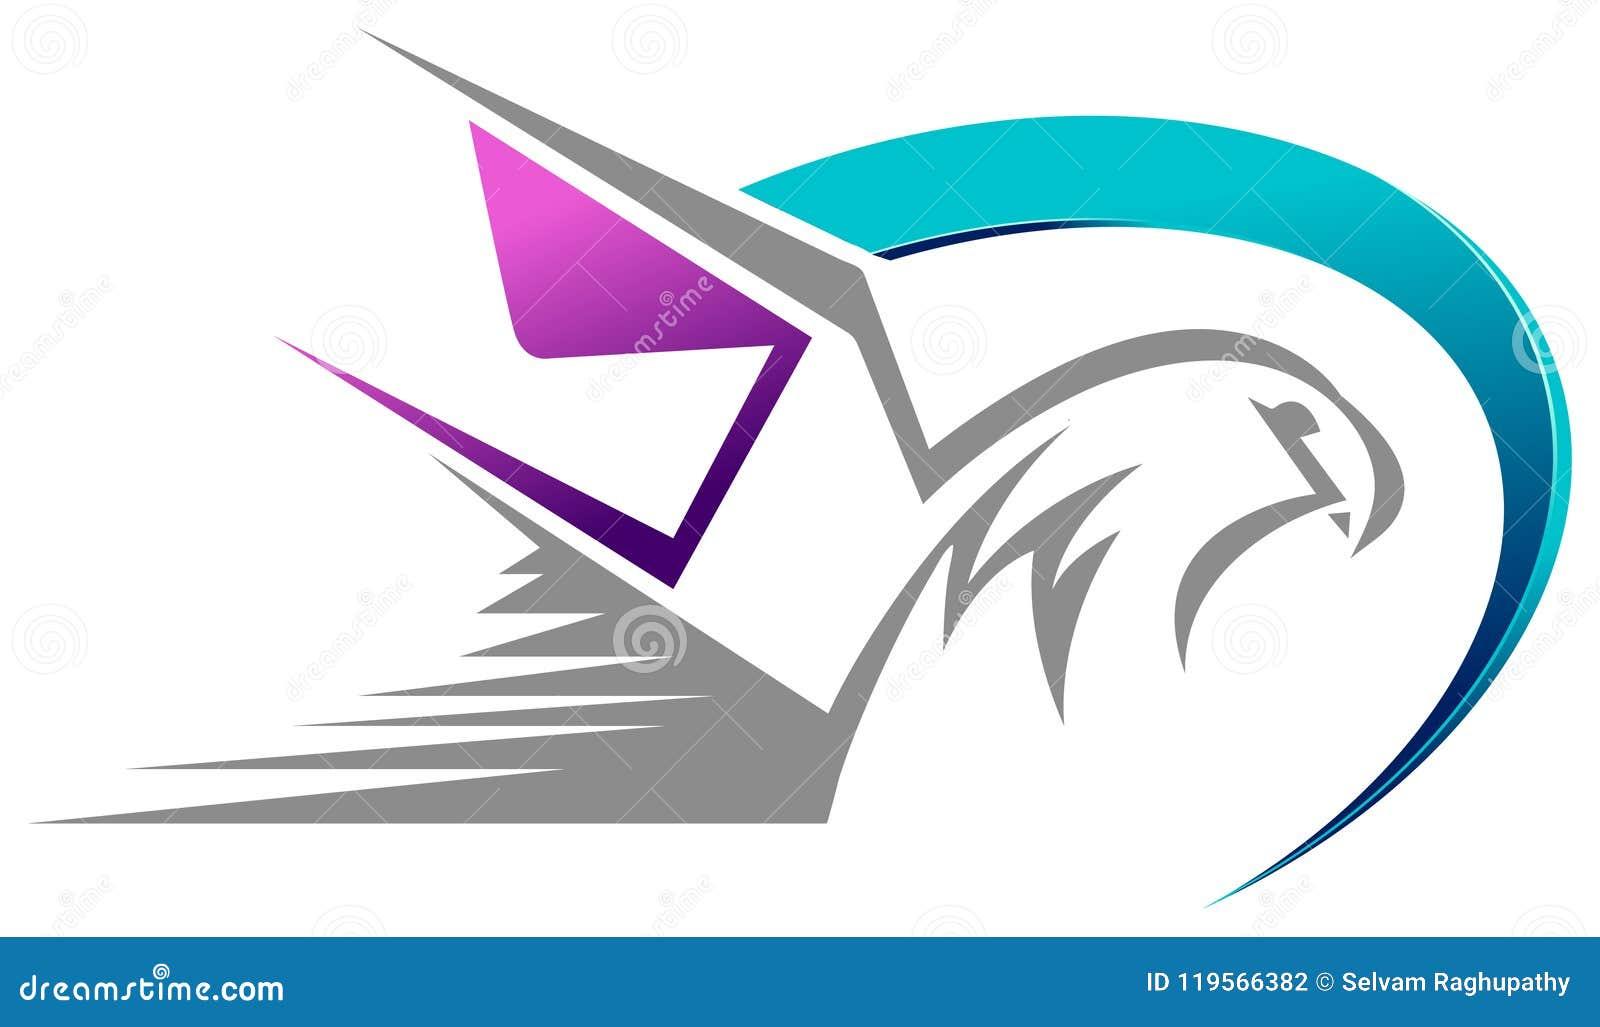 Pássaro com projeto do sumário do correio da velocidade do envelope